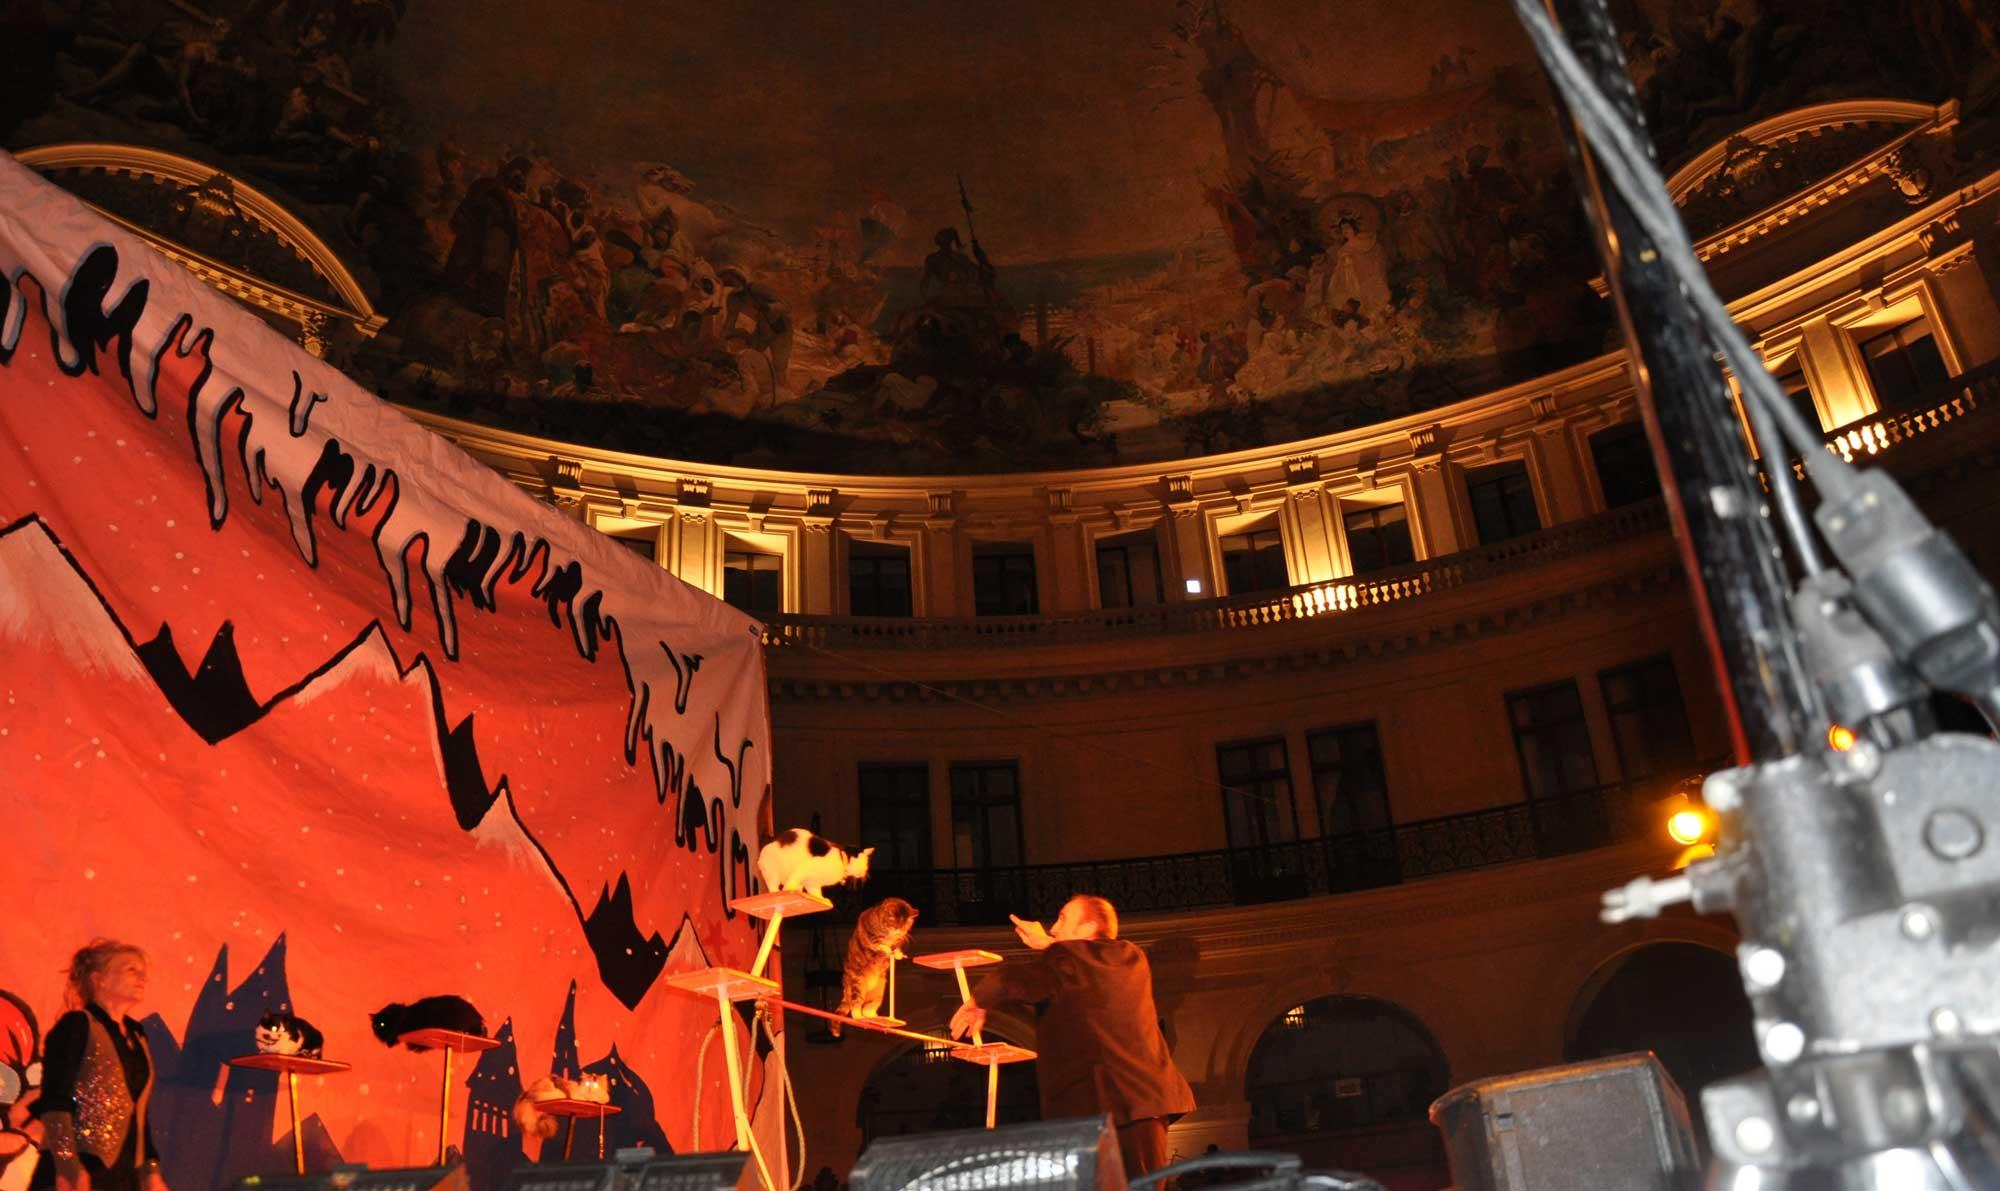 Paris 1-2009-réveillon de noël-orchestre de variété 2